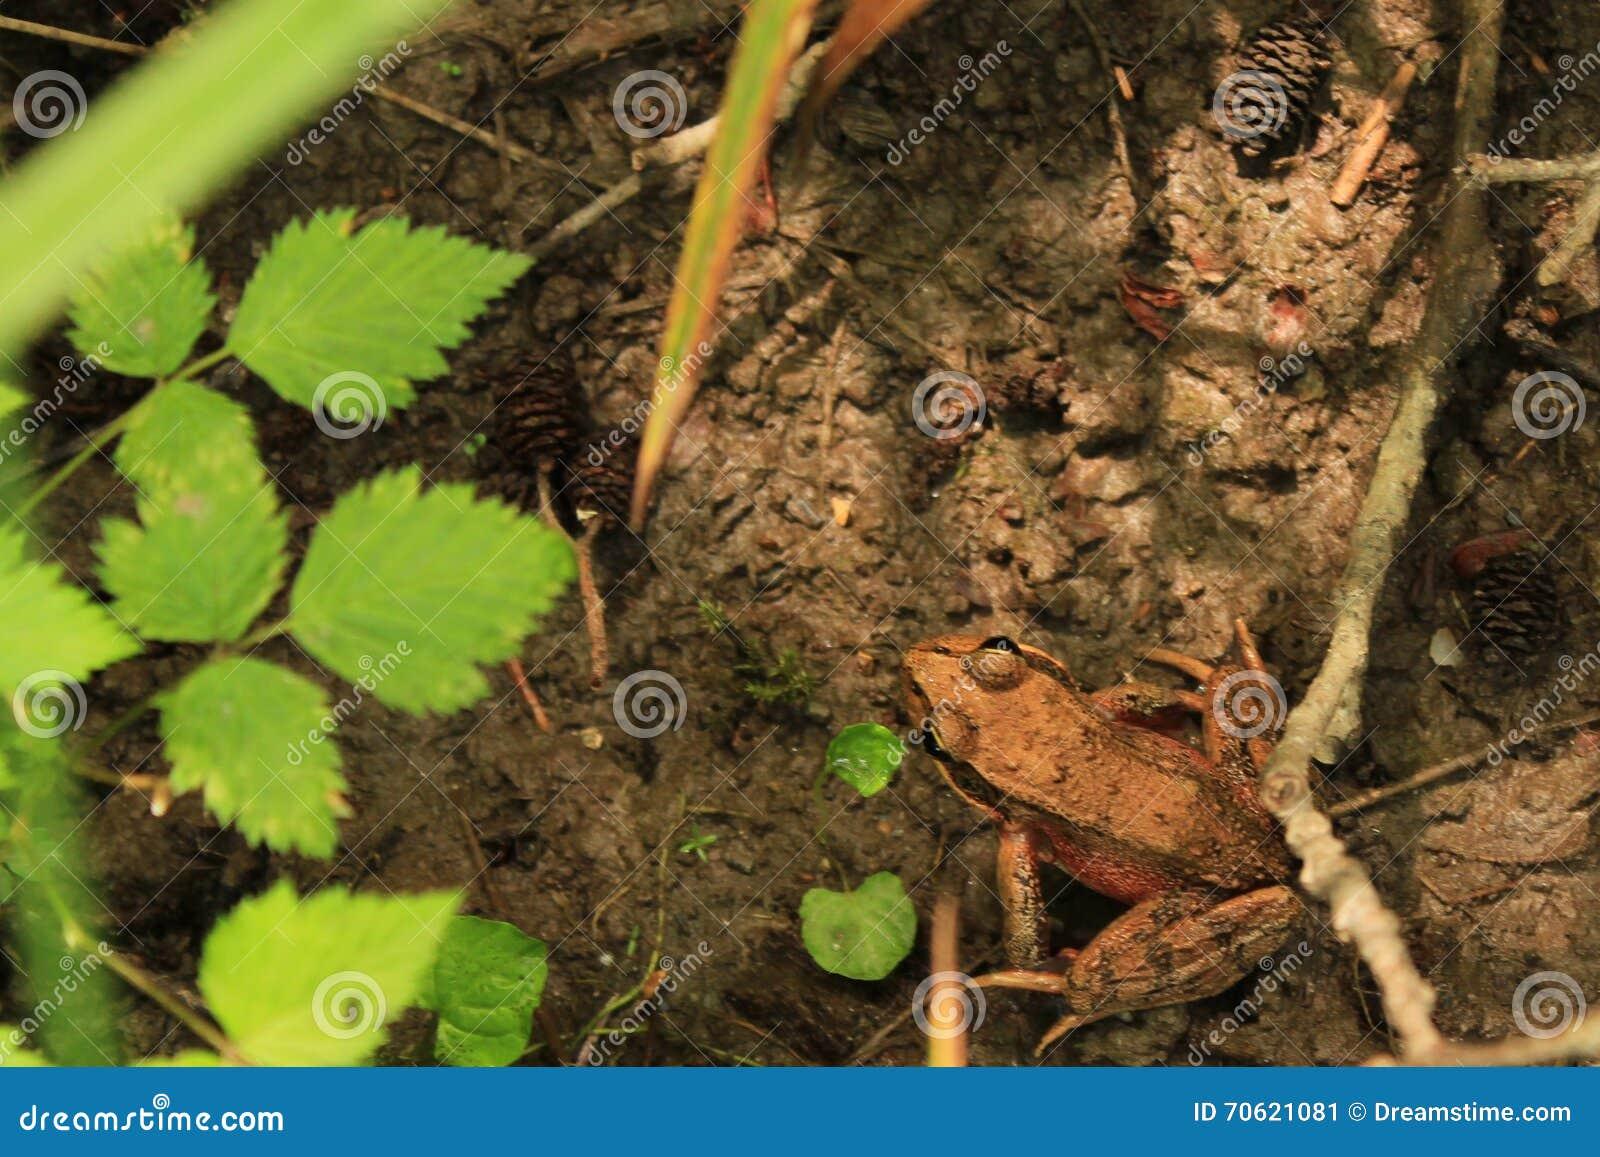 Лягушка Брайна на поле леса